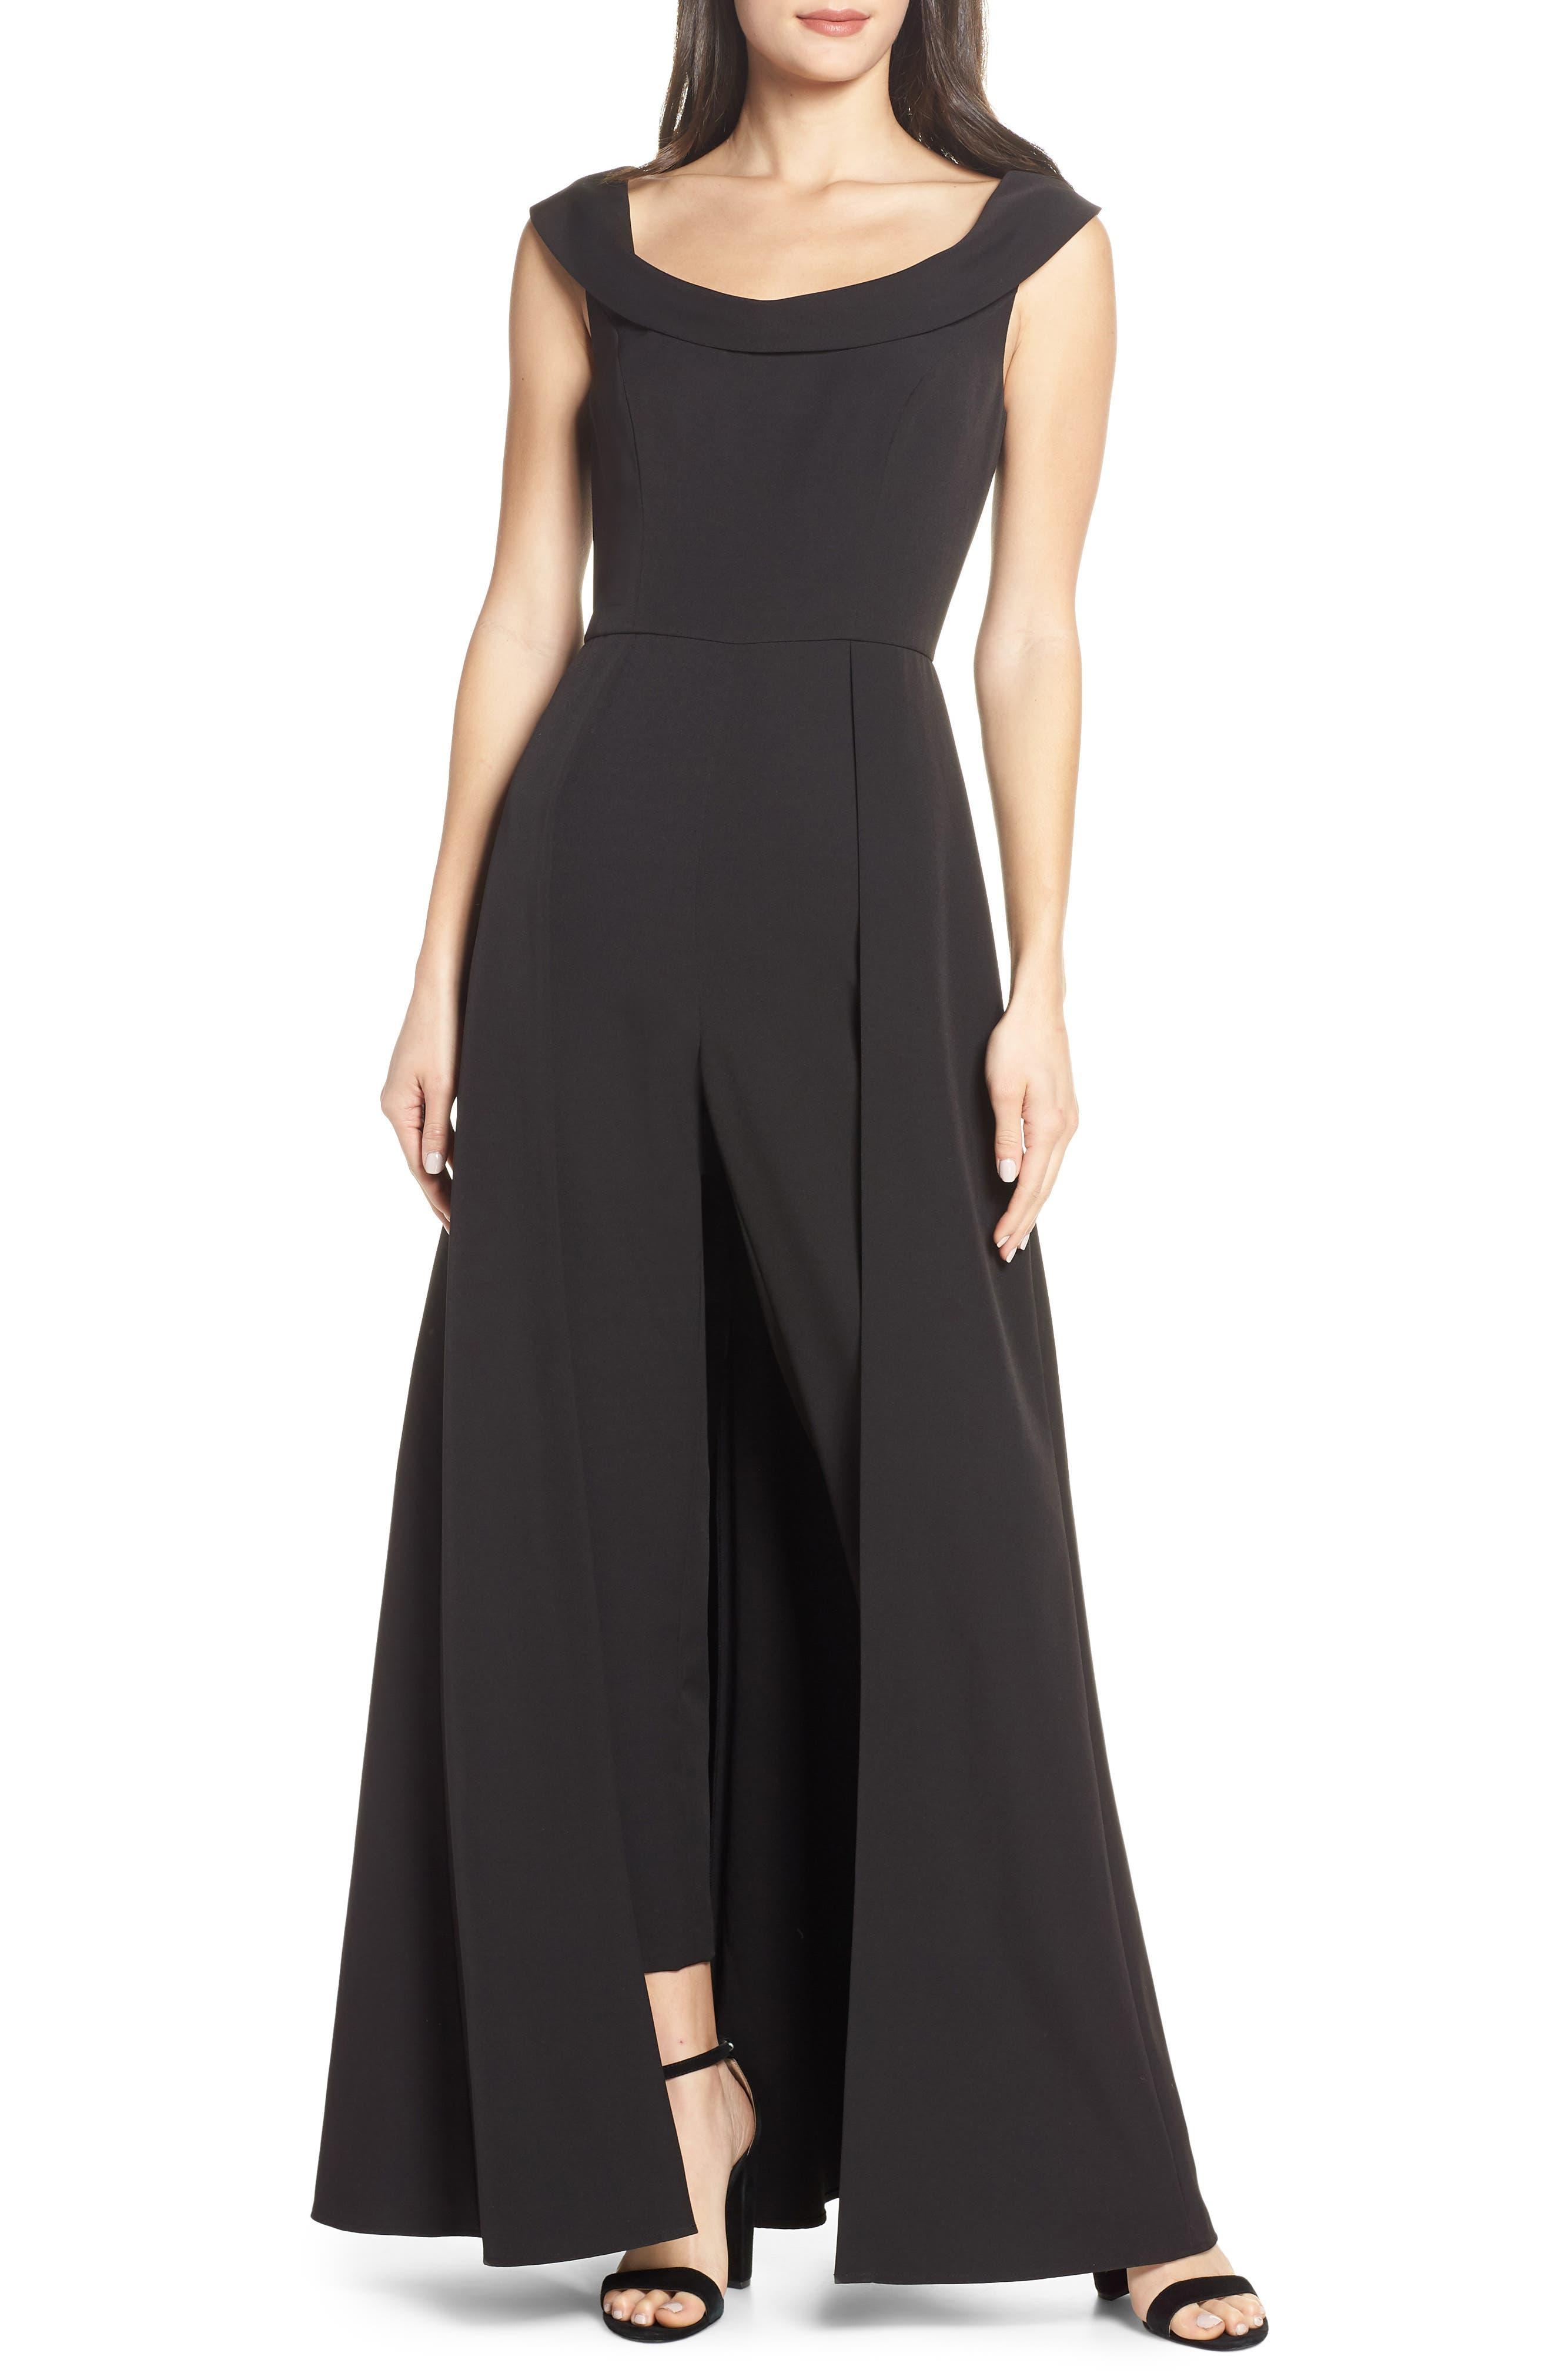 KAY UNGER Jumpsuit Gown, Main, color, 001